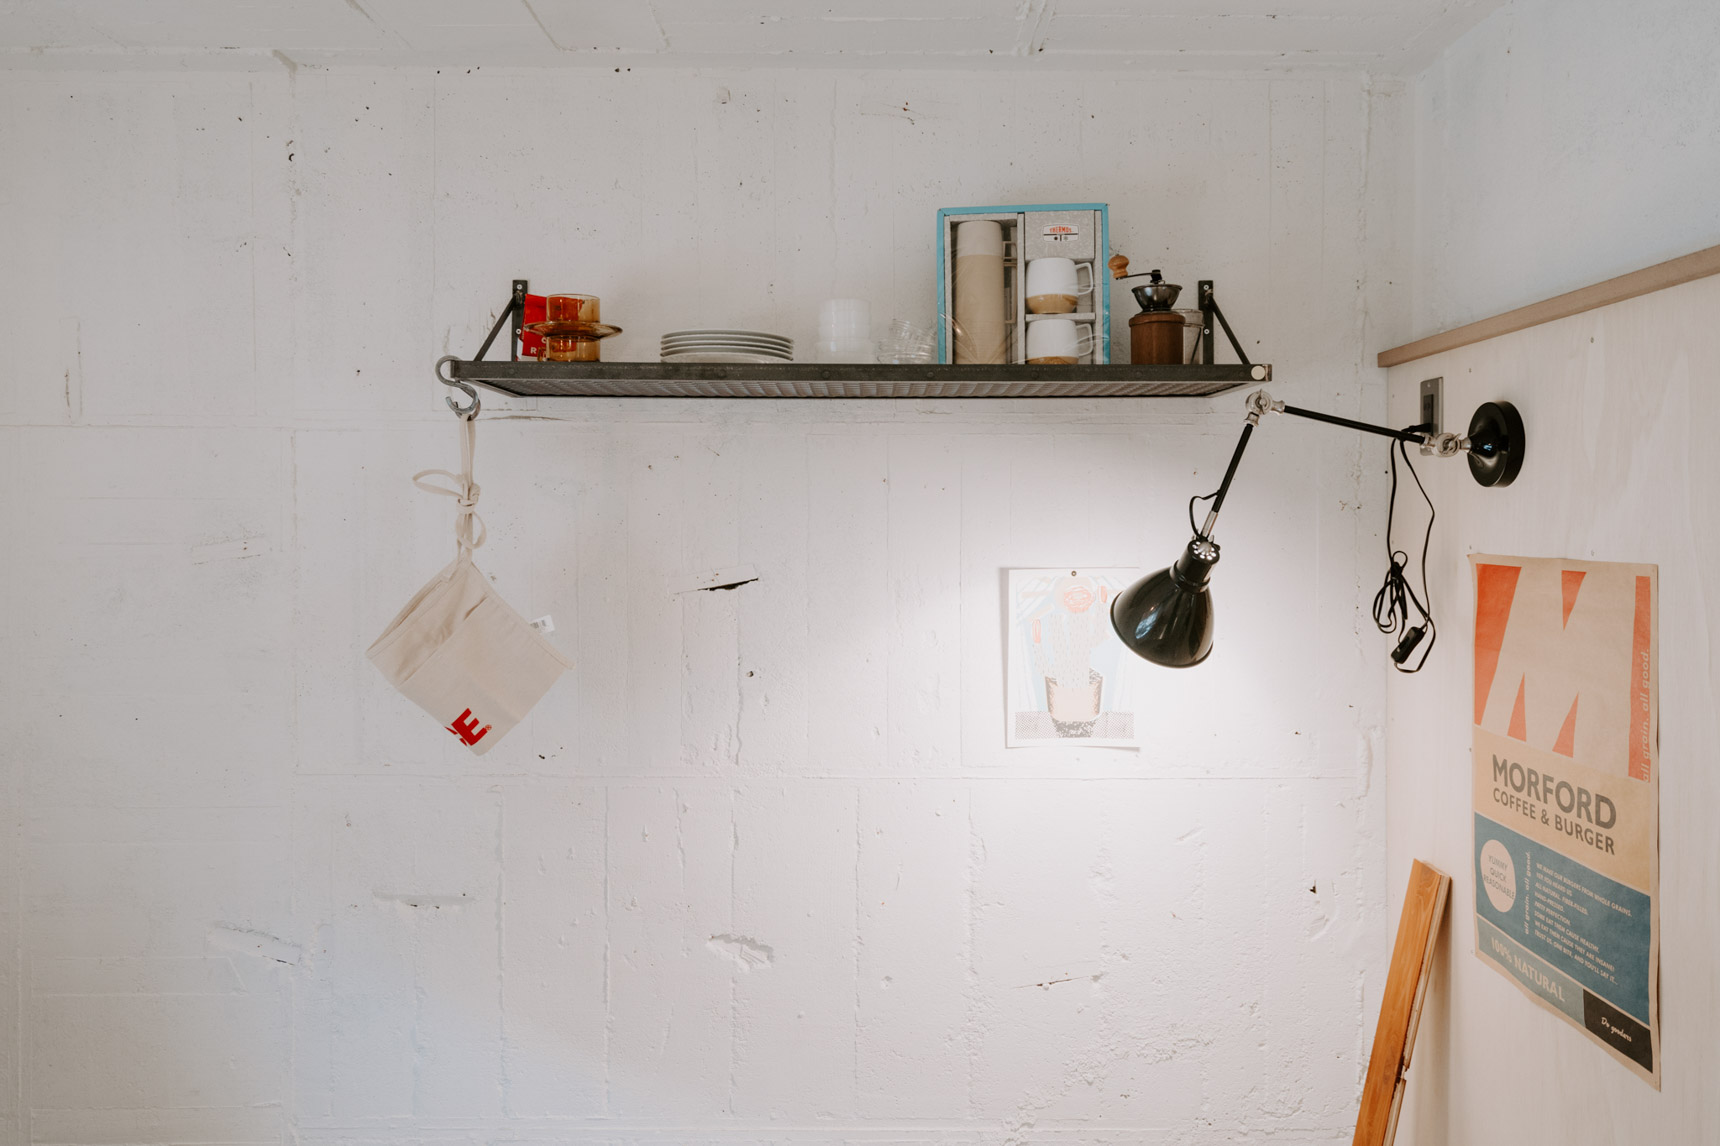 棚をつけたり、照明をつけたり。今まで「賃貸ではできない」と思っていたことが色々実現できそう。